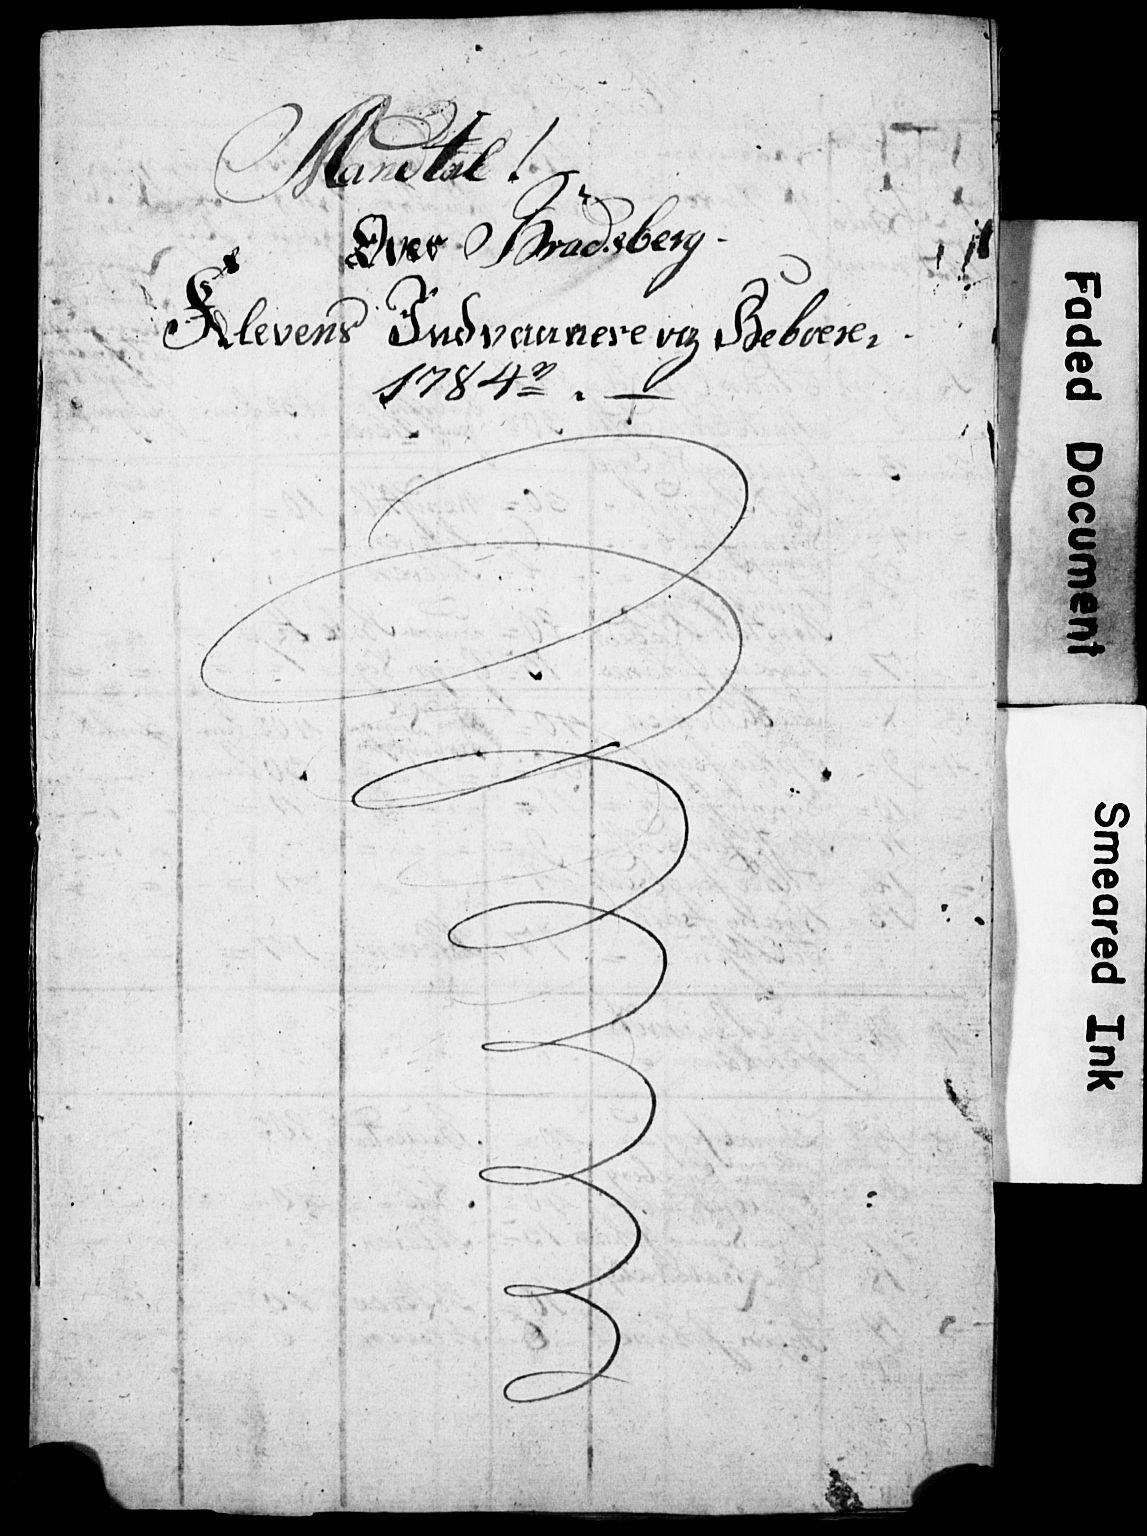 SAKO, Bratsberg Len og Amt, I/I34/L0342: Diverse manntall og fortegnelser, 1784, s. upaginert